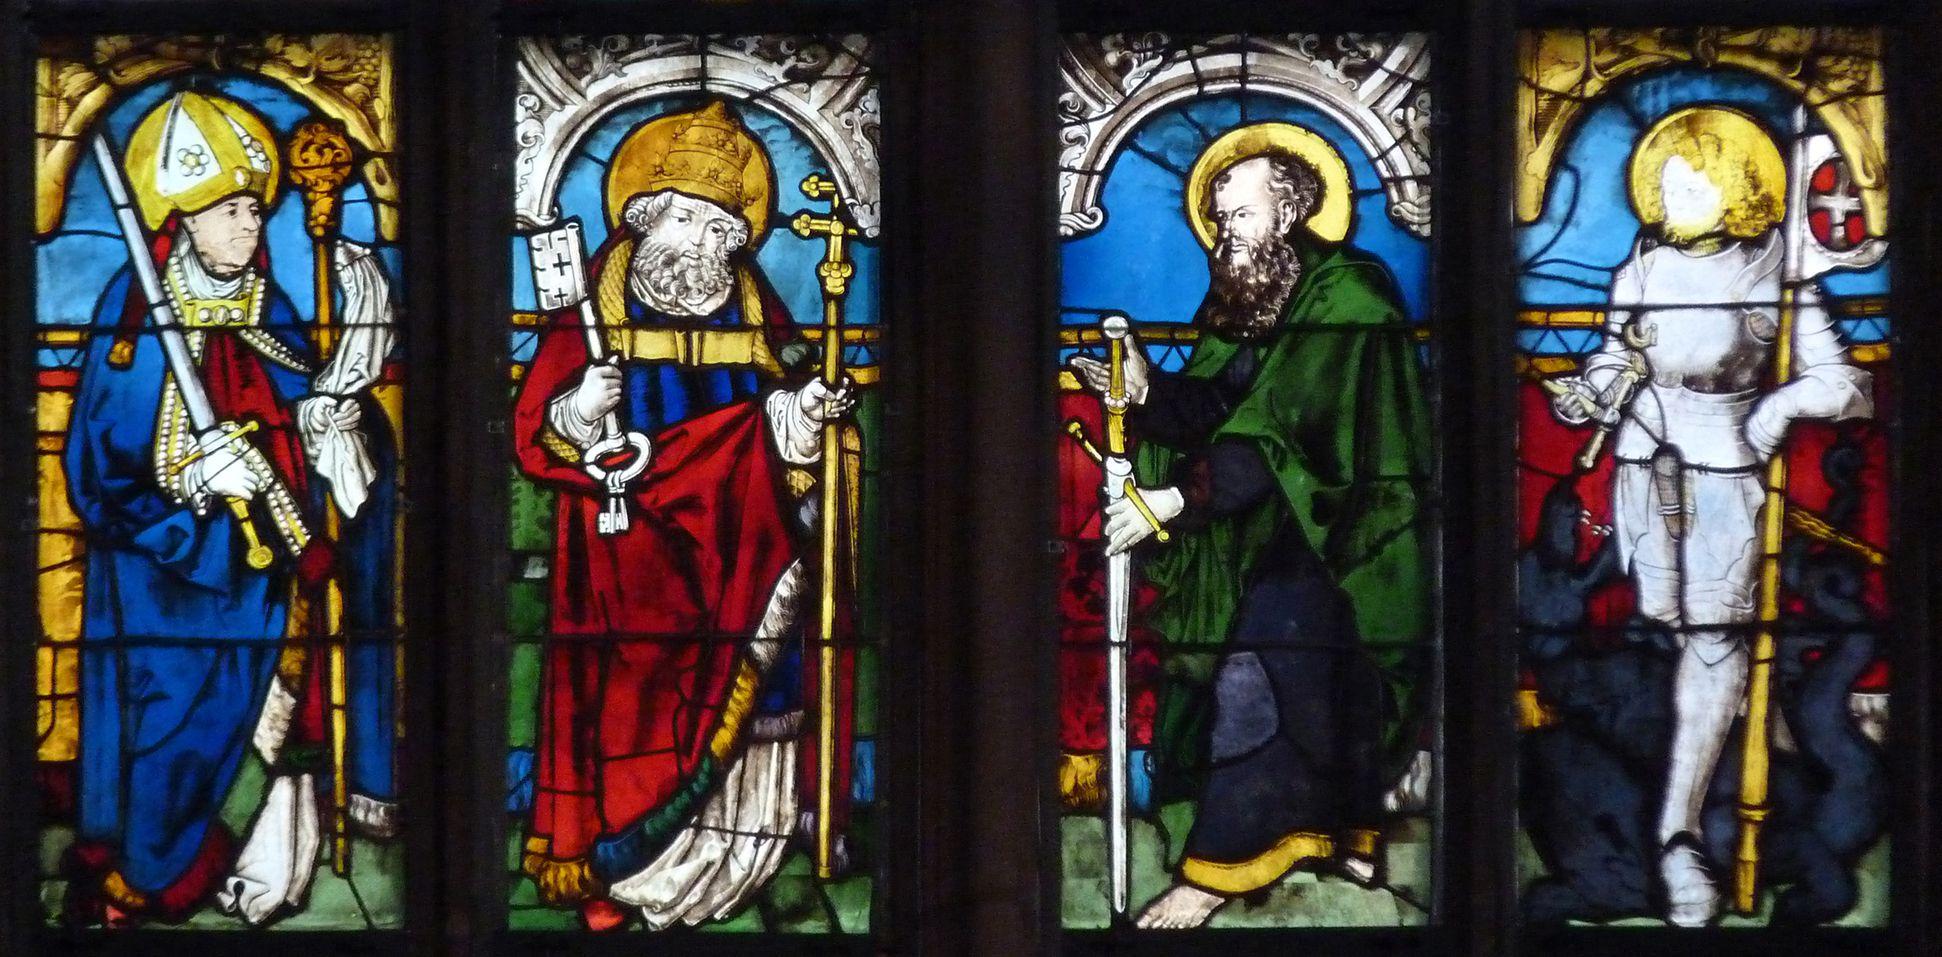 Bamberger Fenster zweite Fensterzeile von unten, Bamberger Domheilige: Kilian, Petrus, Paulus und Georg